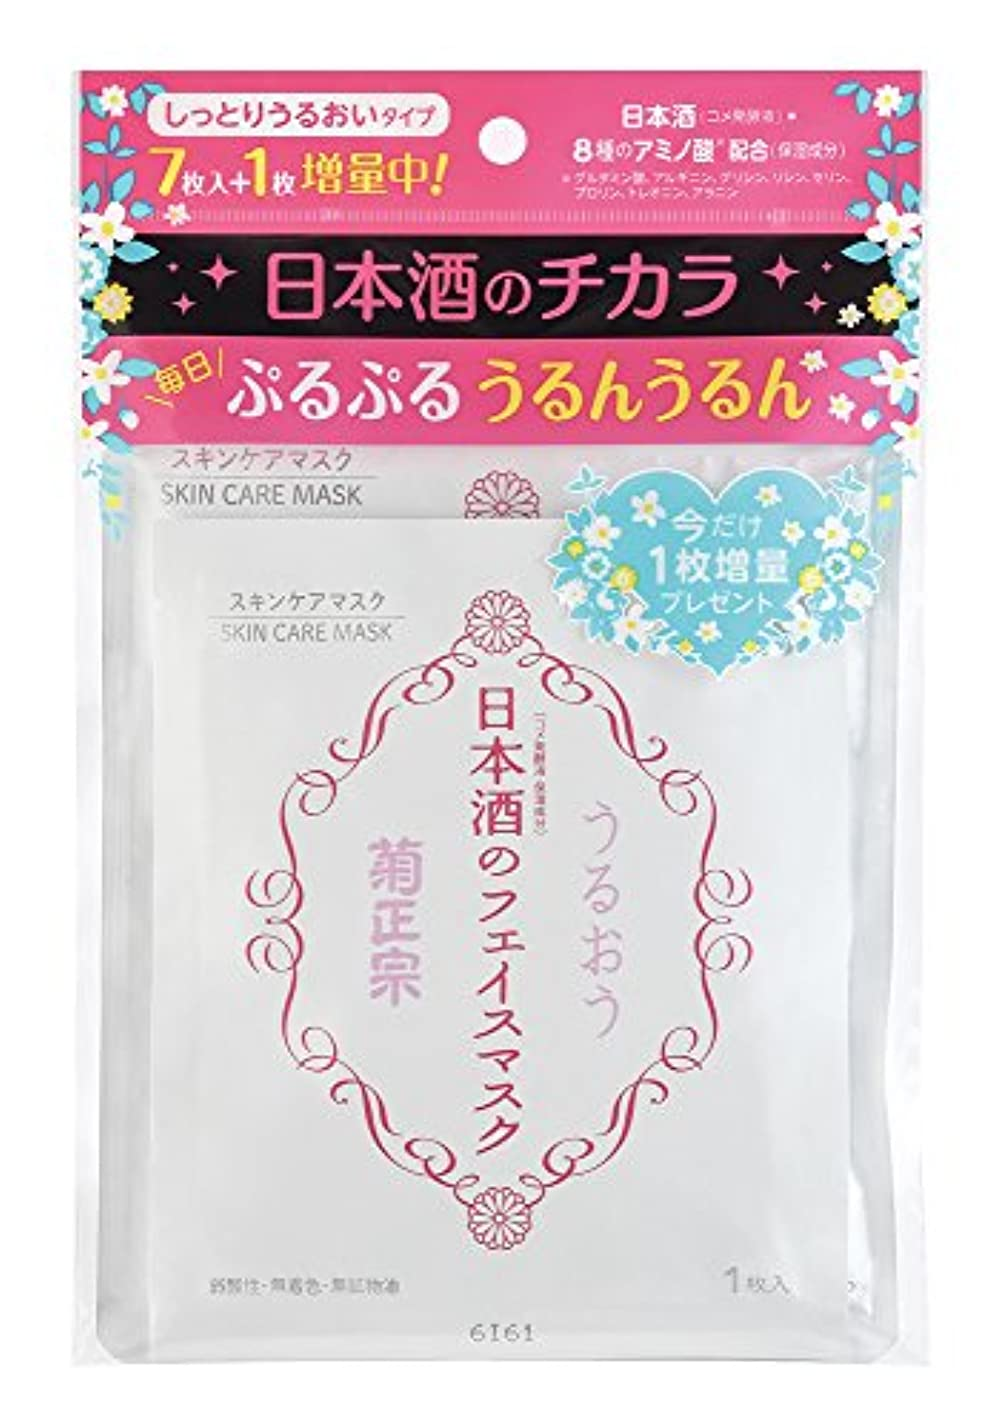 不従順飛び込むクラックポット菊正宗 日本酒のフェイスマスク 8枚入 (7枚入+1枚増量セット)